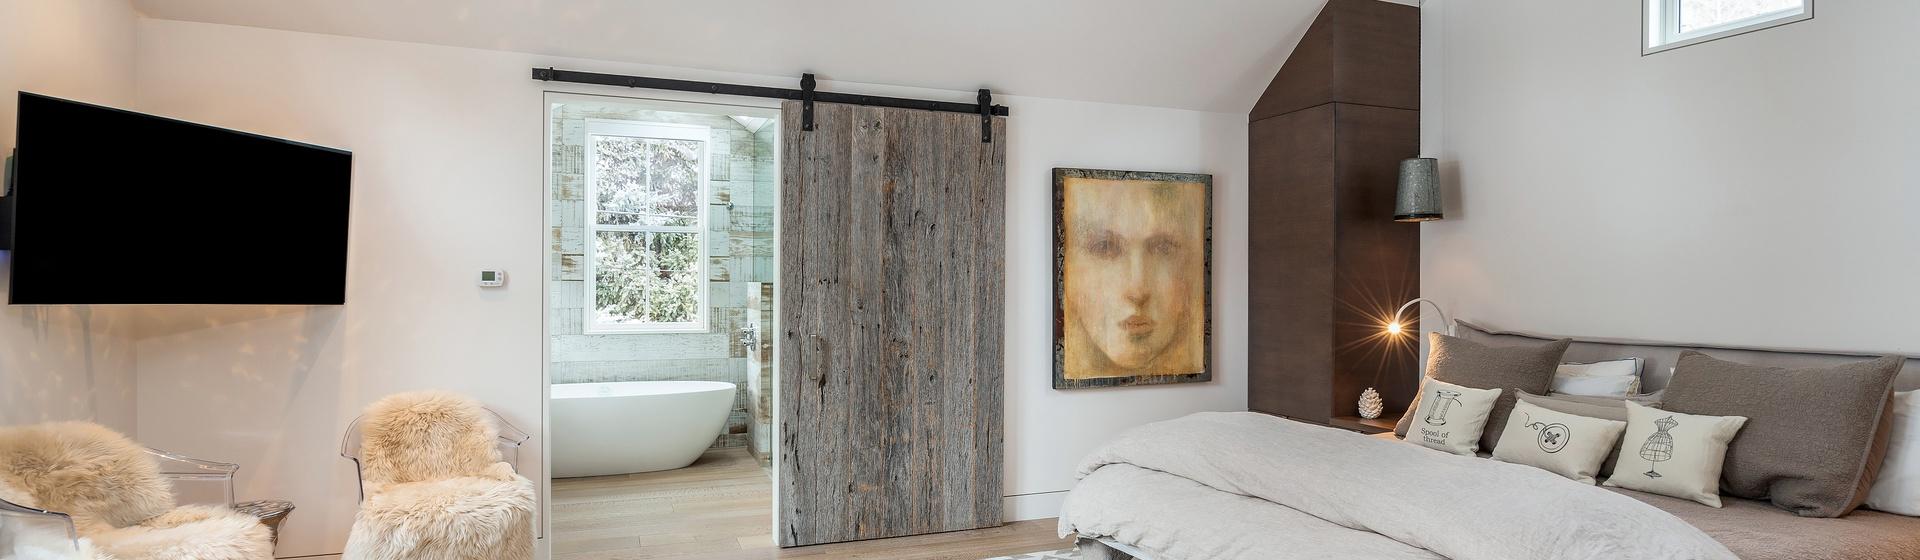 10-Telluride-The-Sunnyside-Main-Level-Master-Bedroom-Web.jpg